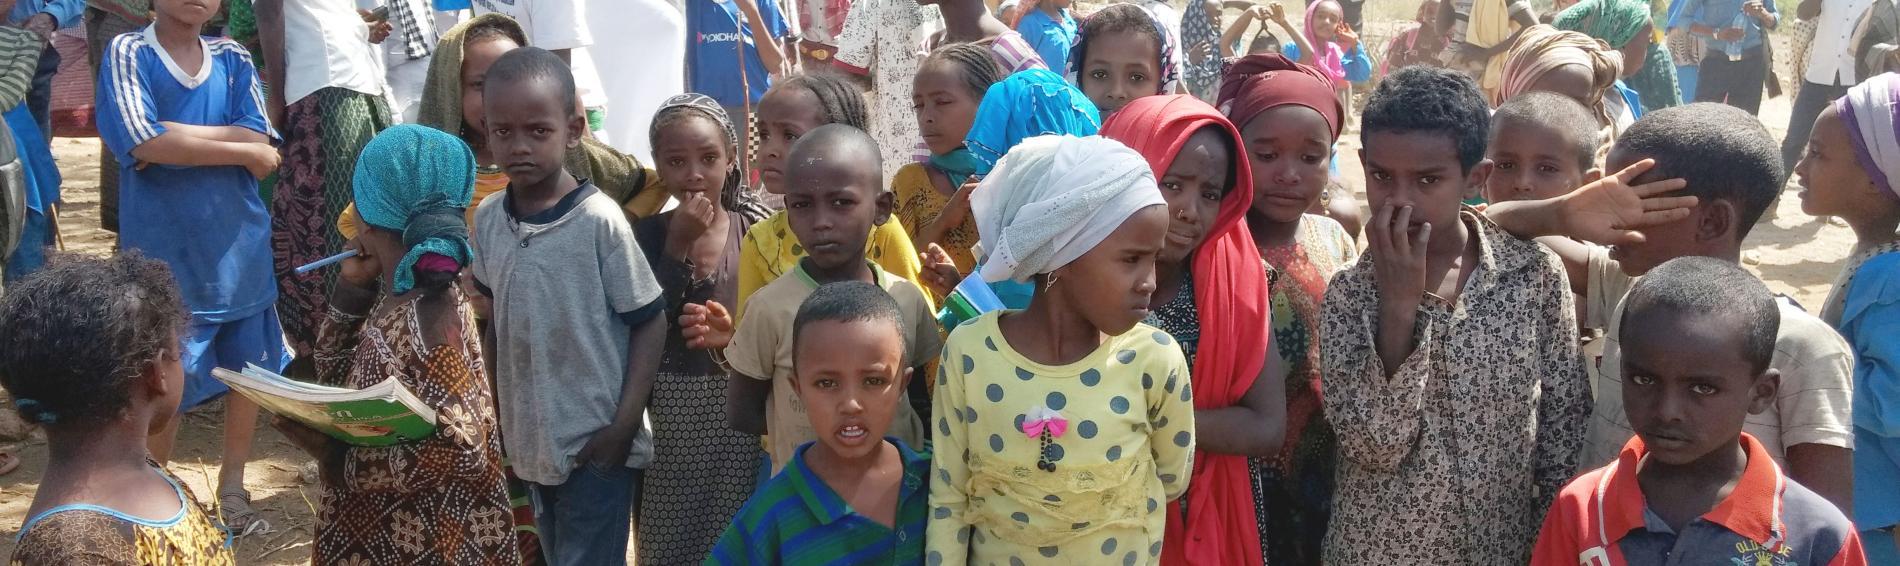 Kinder in Äthiopien im Afar-Gebiet. Ärzte der Welt setzt sich dort gegen die weibliche Genitalverstümmelung ein. Foto: Ärzte der Welt